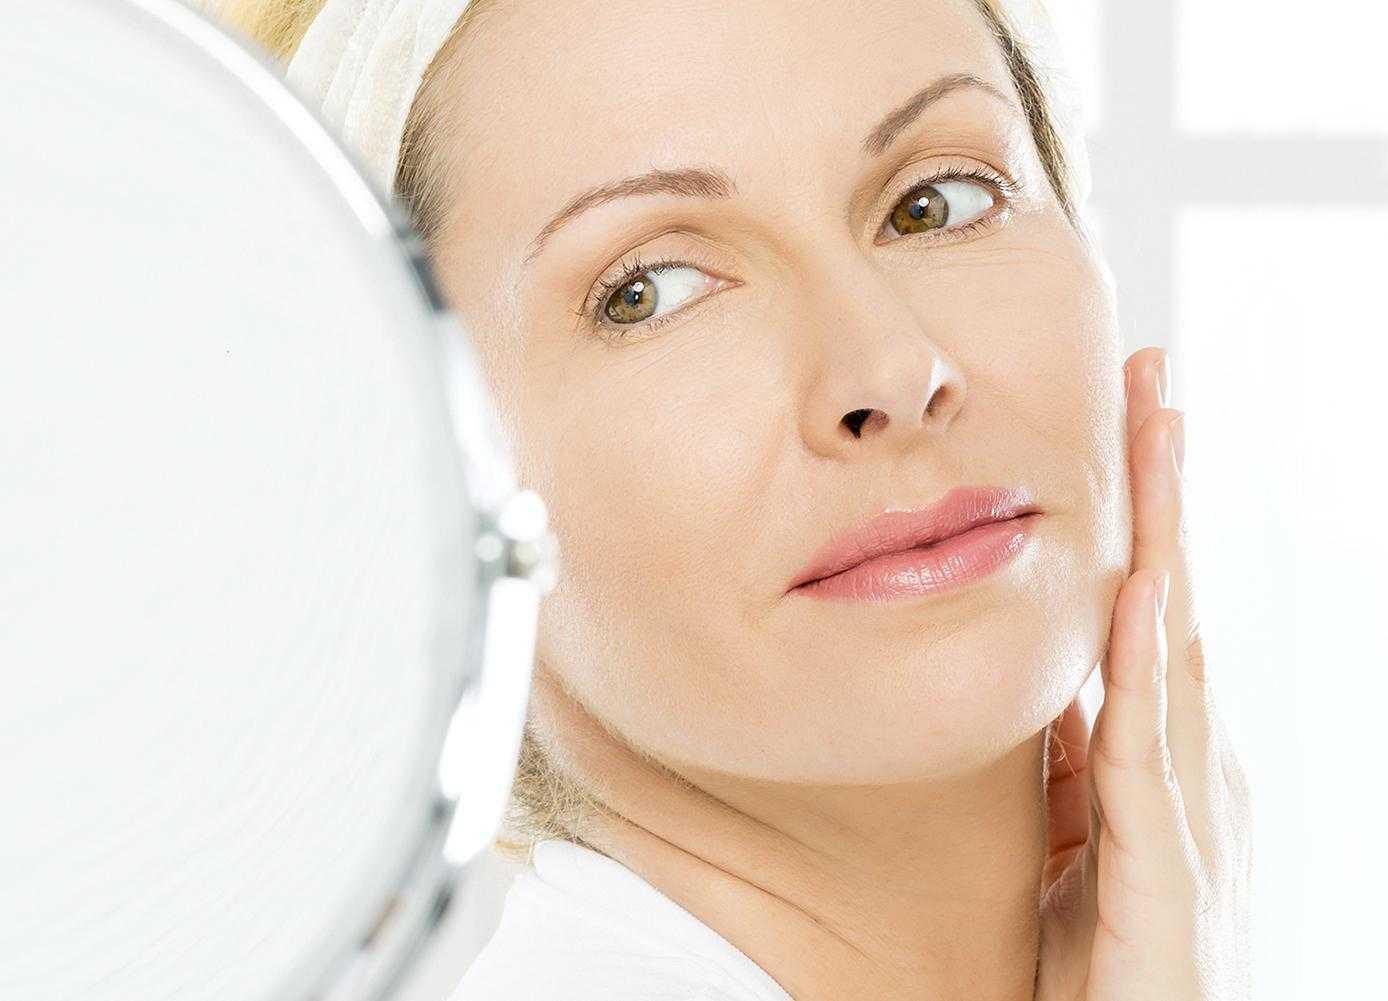 Самые эффективные процедуры для омоложения кожи лица, а также косметические средства для коррекции морщин, отзывы